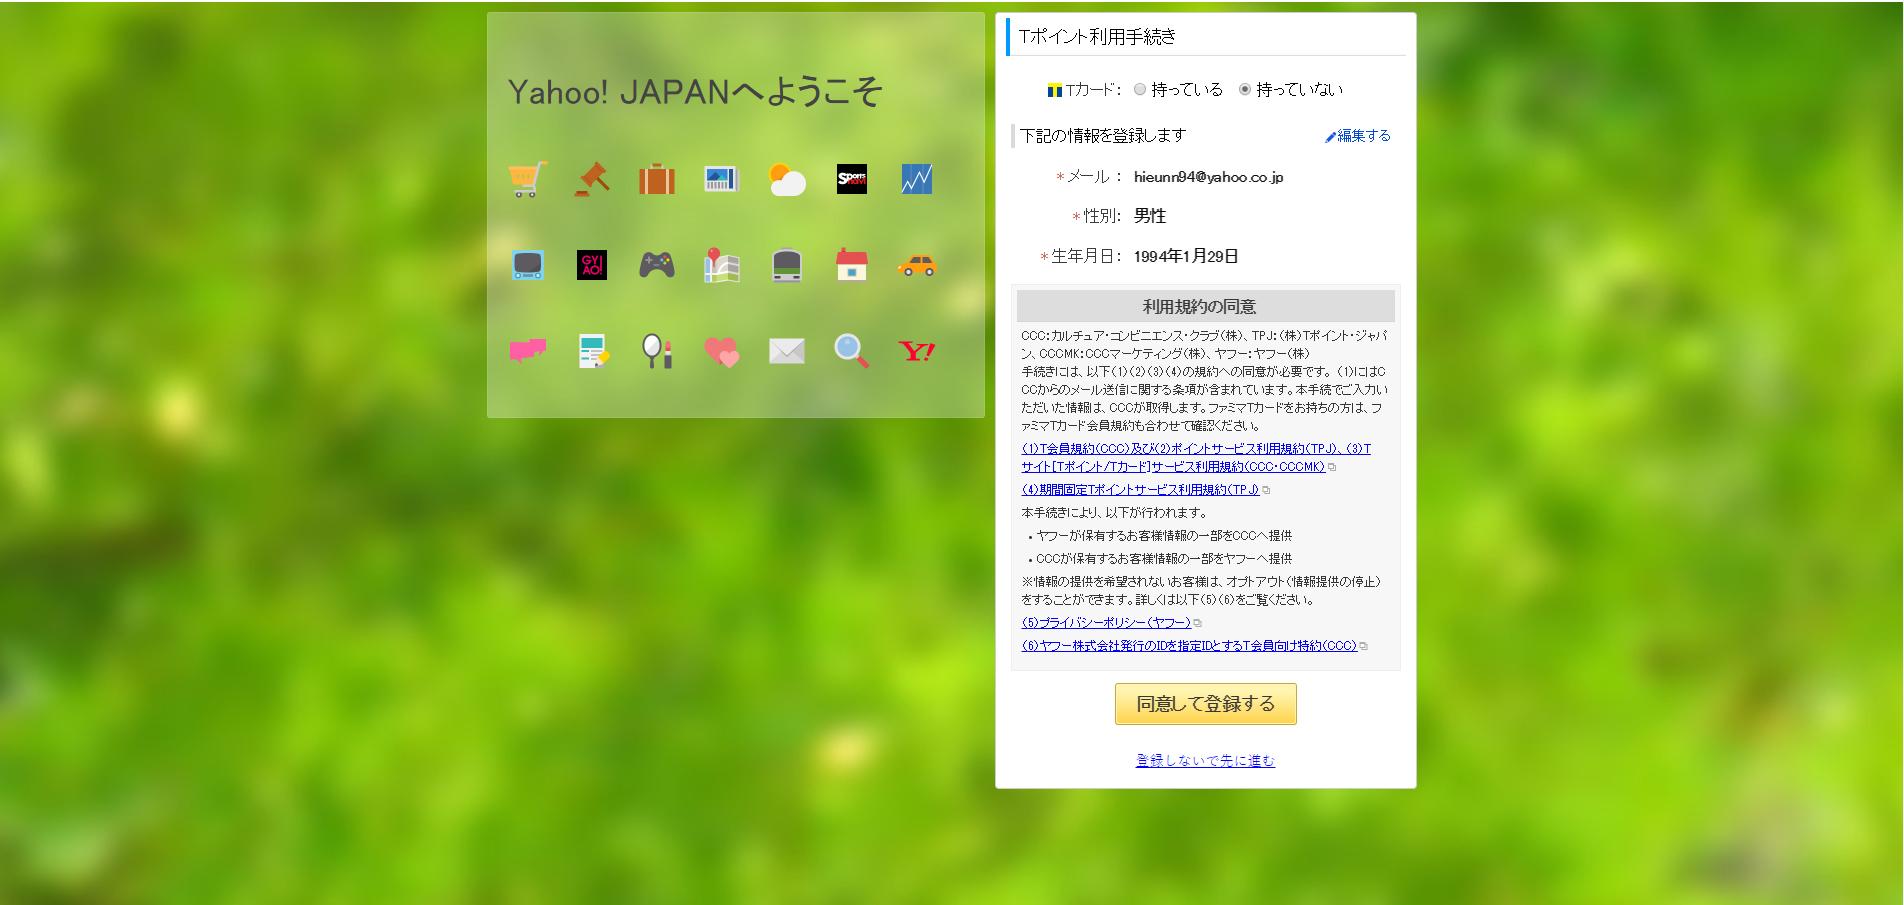 Bước 2 đăng ký tài khoản đấu giá trên Yahoo japan